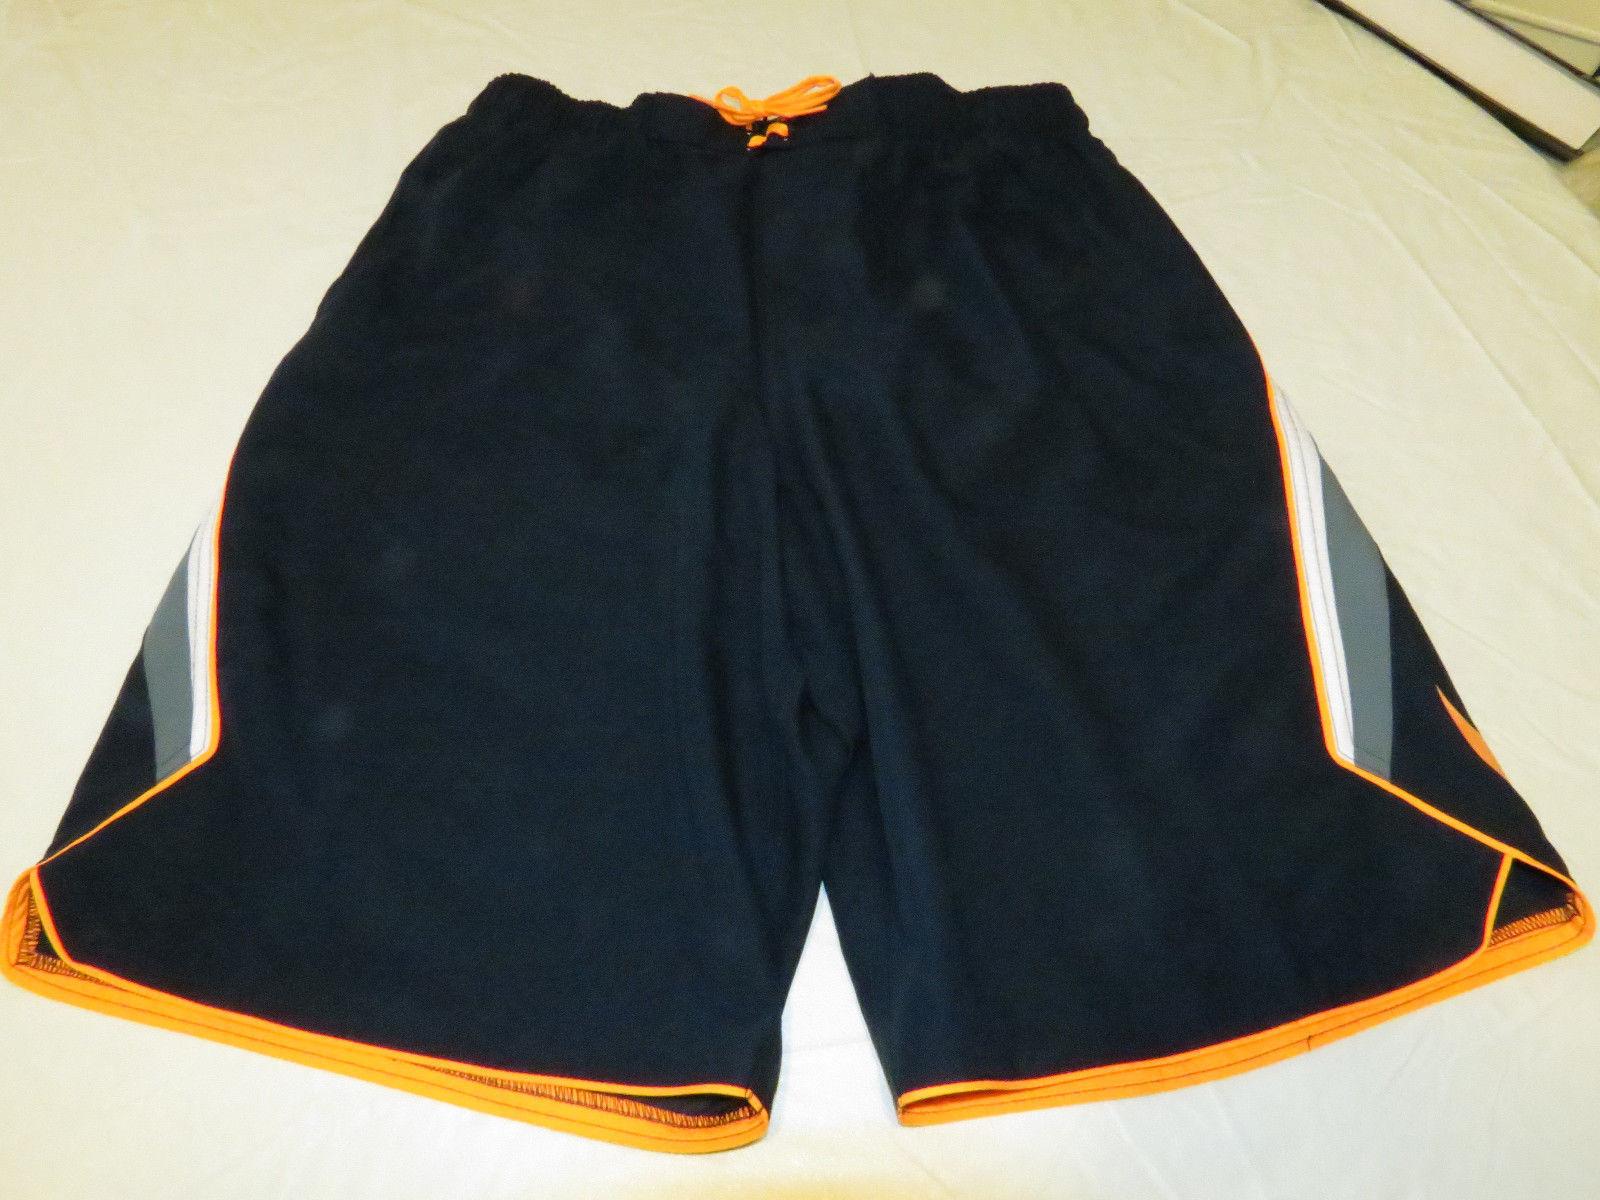 4ec8dfc579 Men's swim trunks swim shorts Nike navy orng and 50 similar items. S l1600